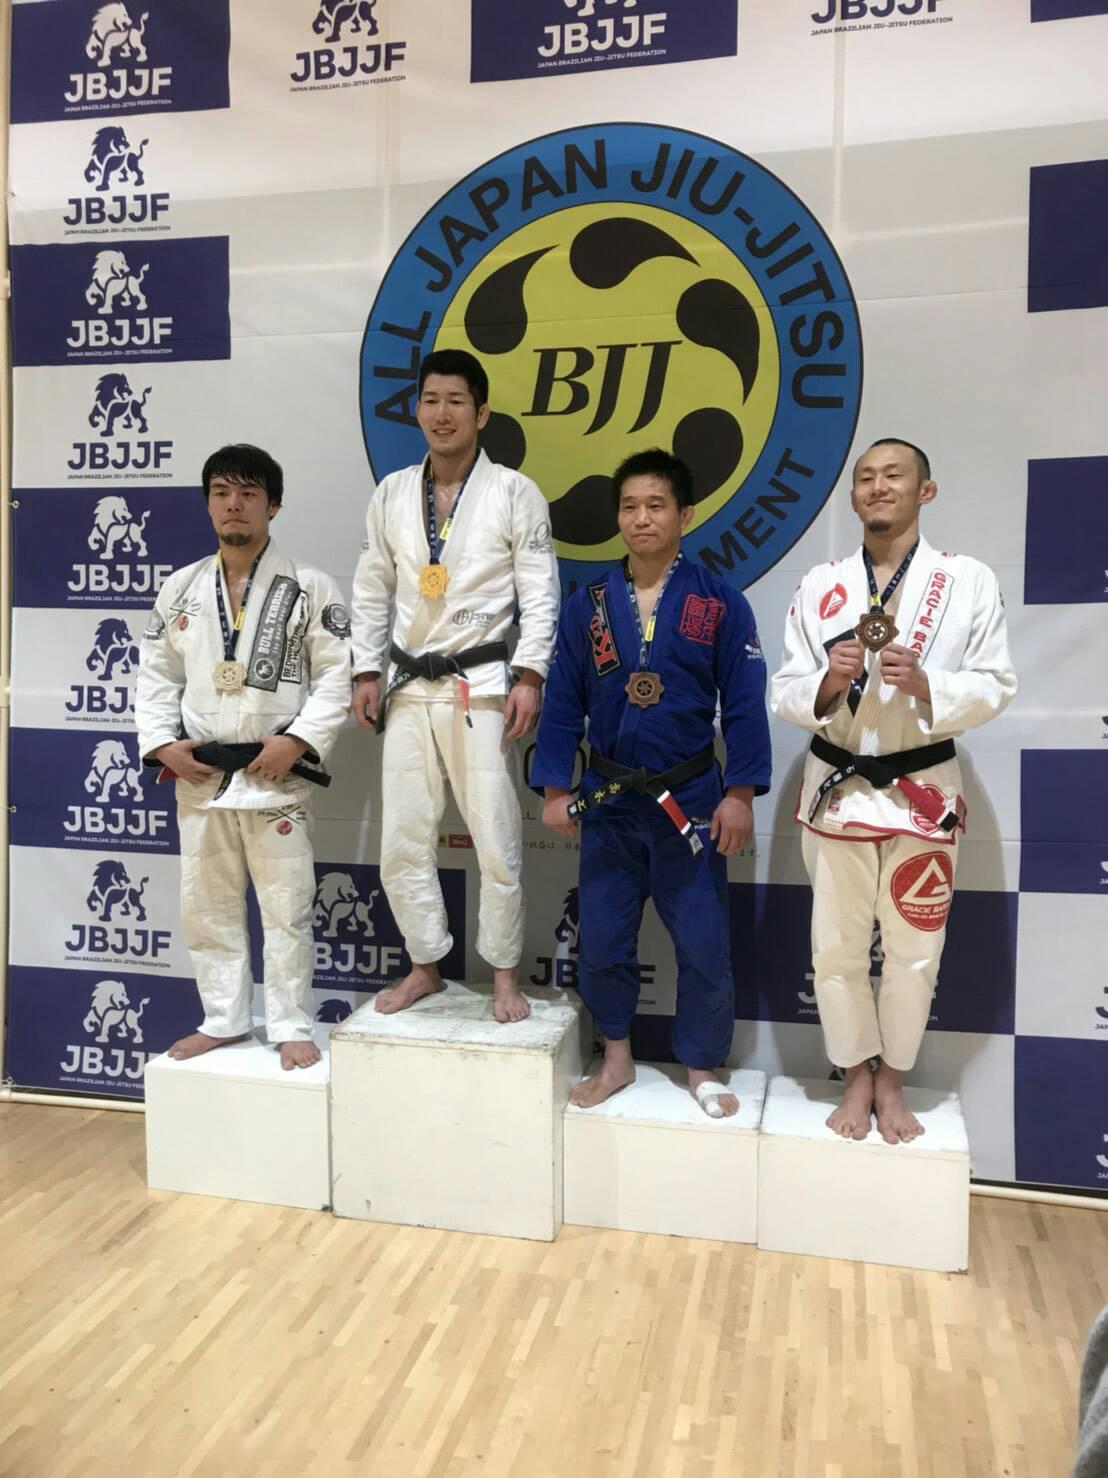 日本ブラジリアン柔術連盟|F第6回 全日本ブラジリアン柔術オープントーナメント2018大会写真